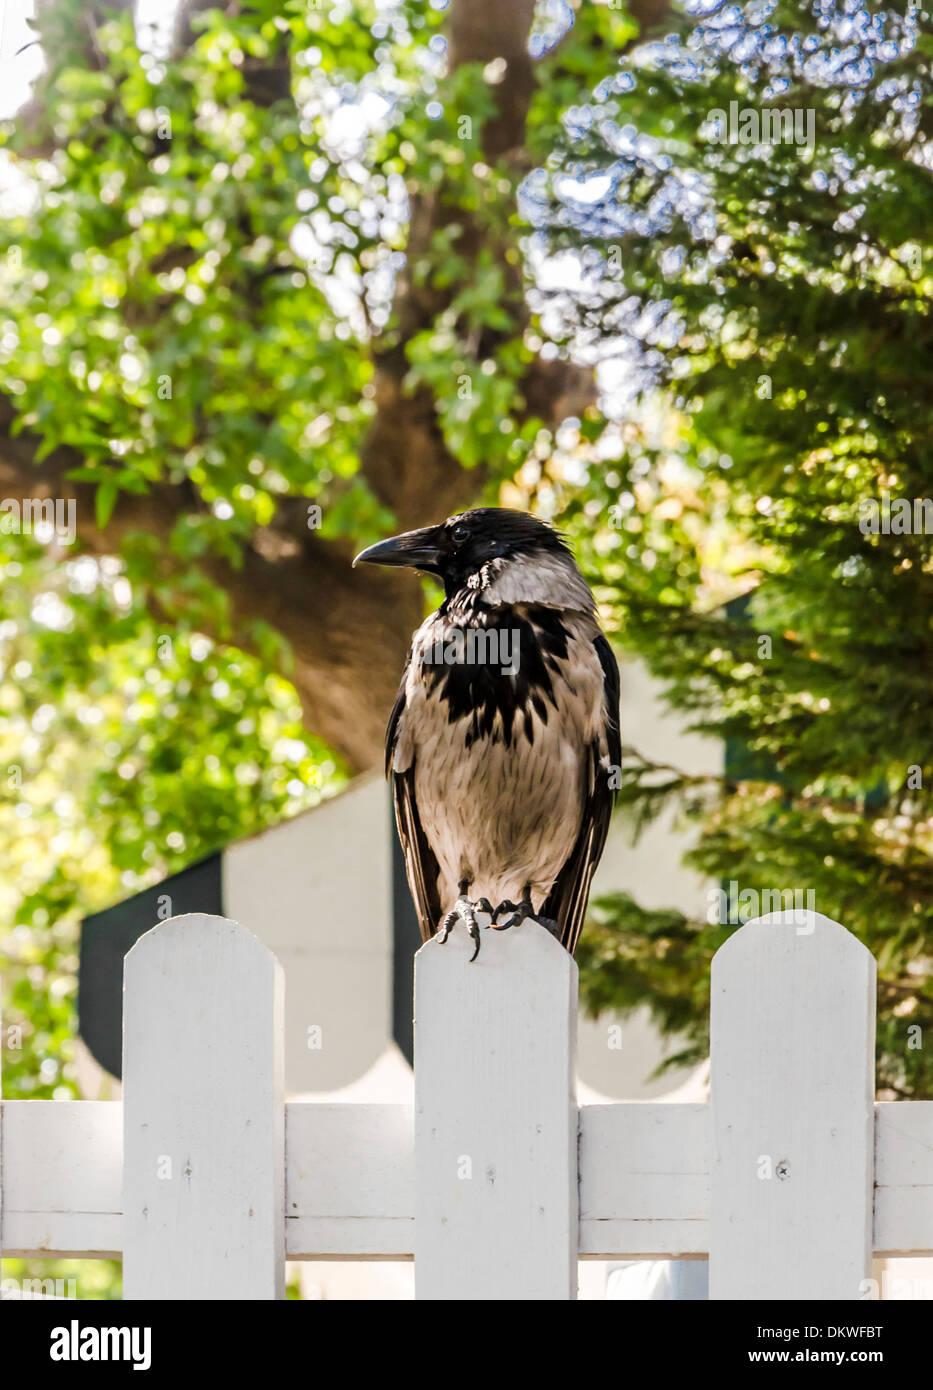 Eine Krähe auf einem Zaun sitzend. Stockbild